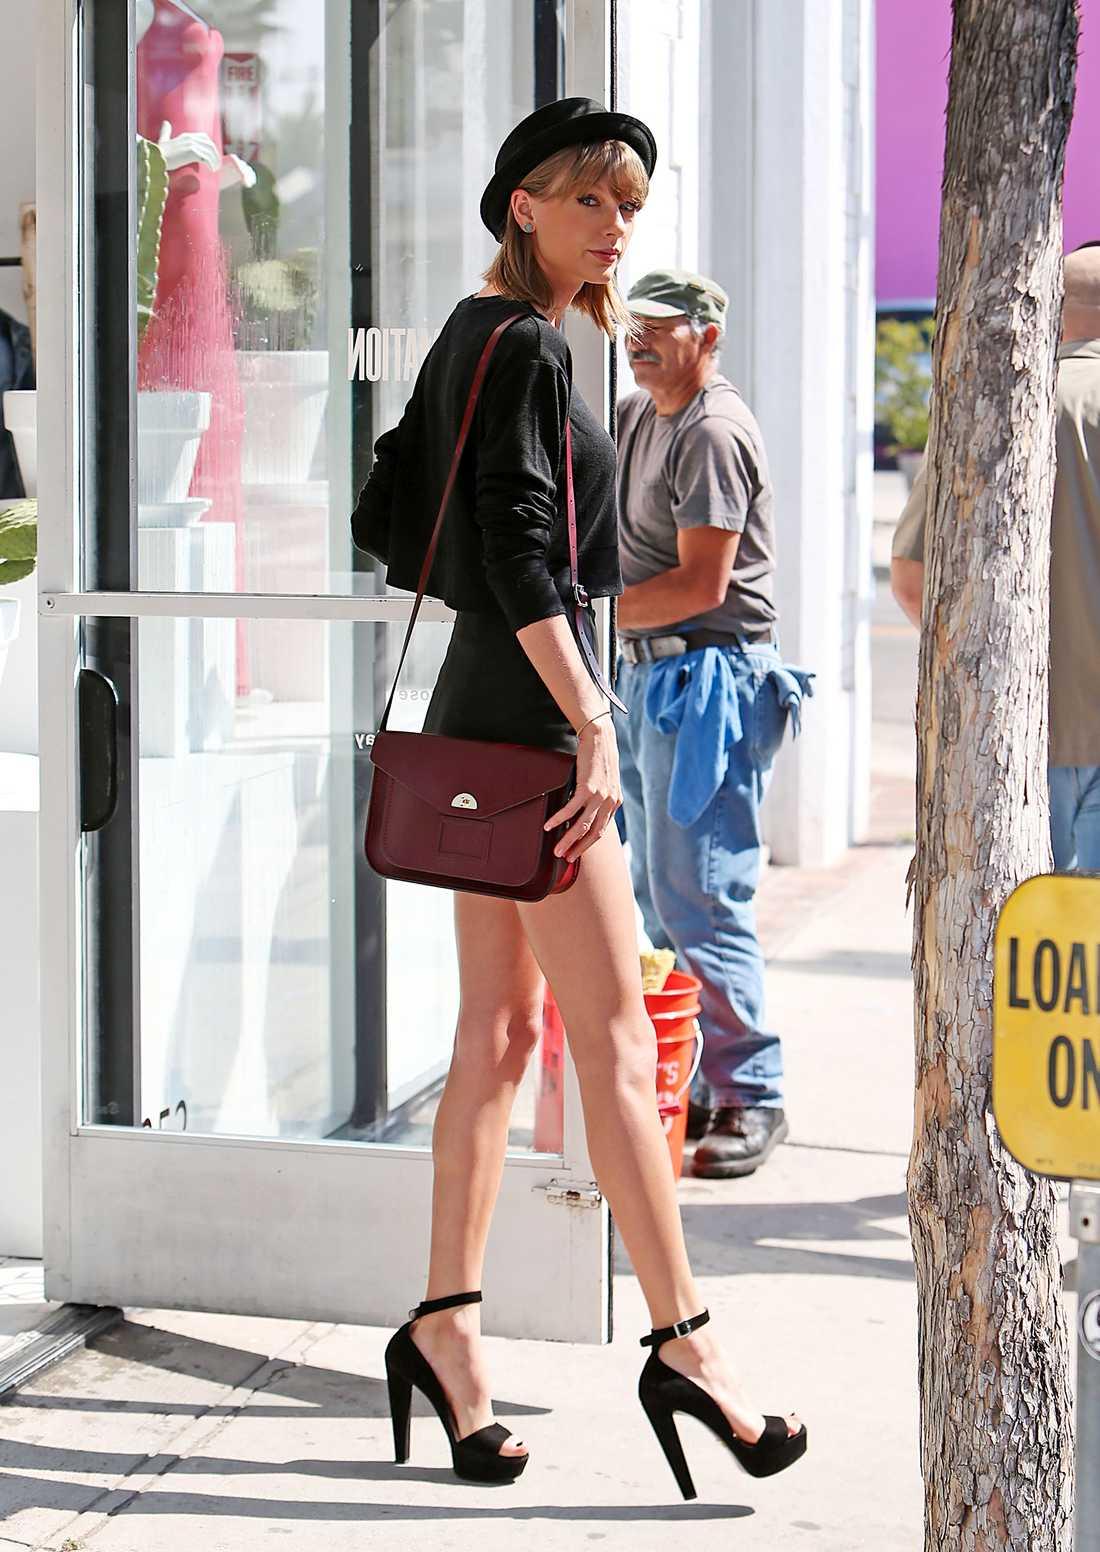 Taylor Swift Sångerskan ser ut att vara två meter över havet i sina höghus till klackar. Till dem matchar hon med shorts och stickad tröja. Gillar du looken finns det liknande alternativ nedan.